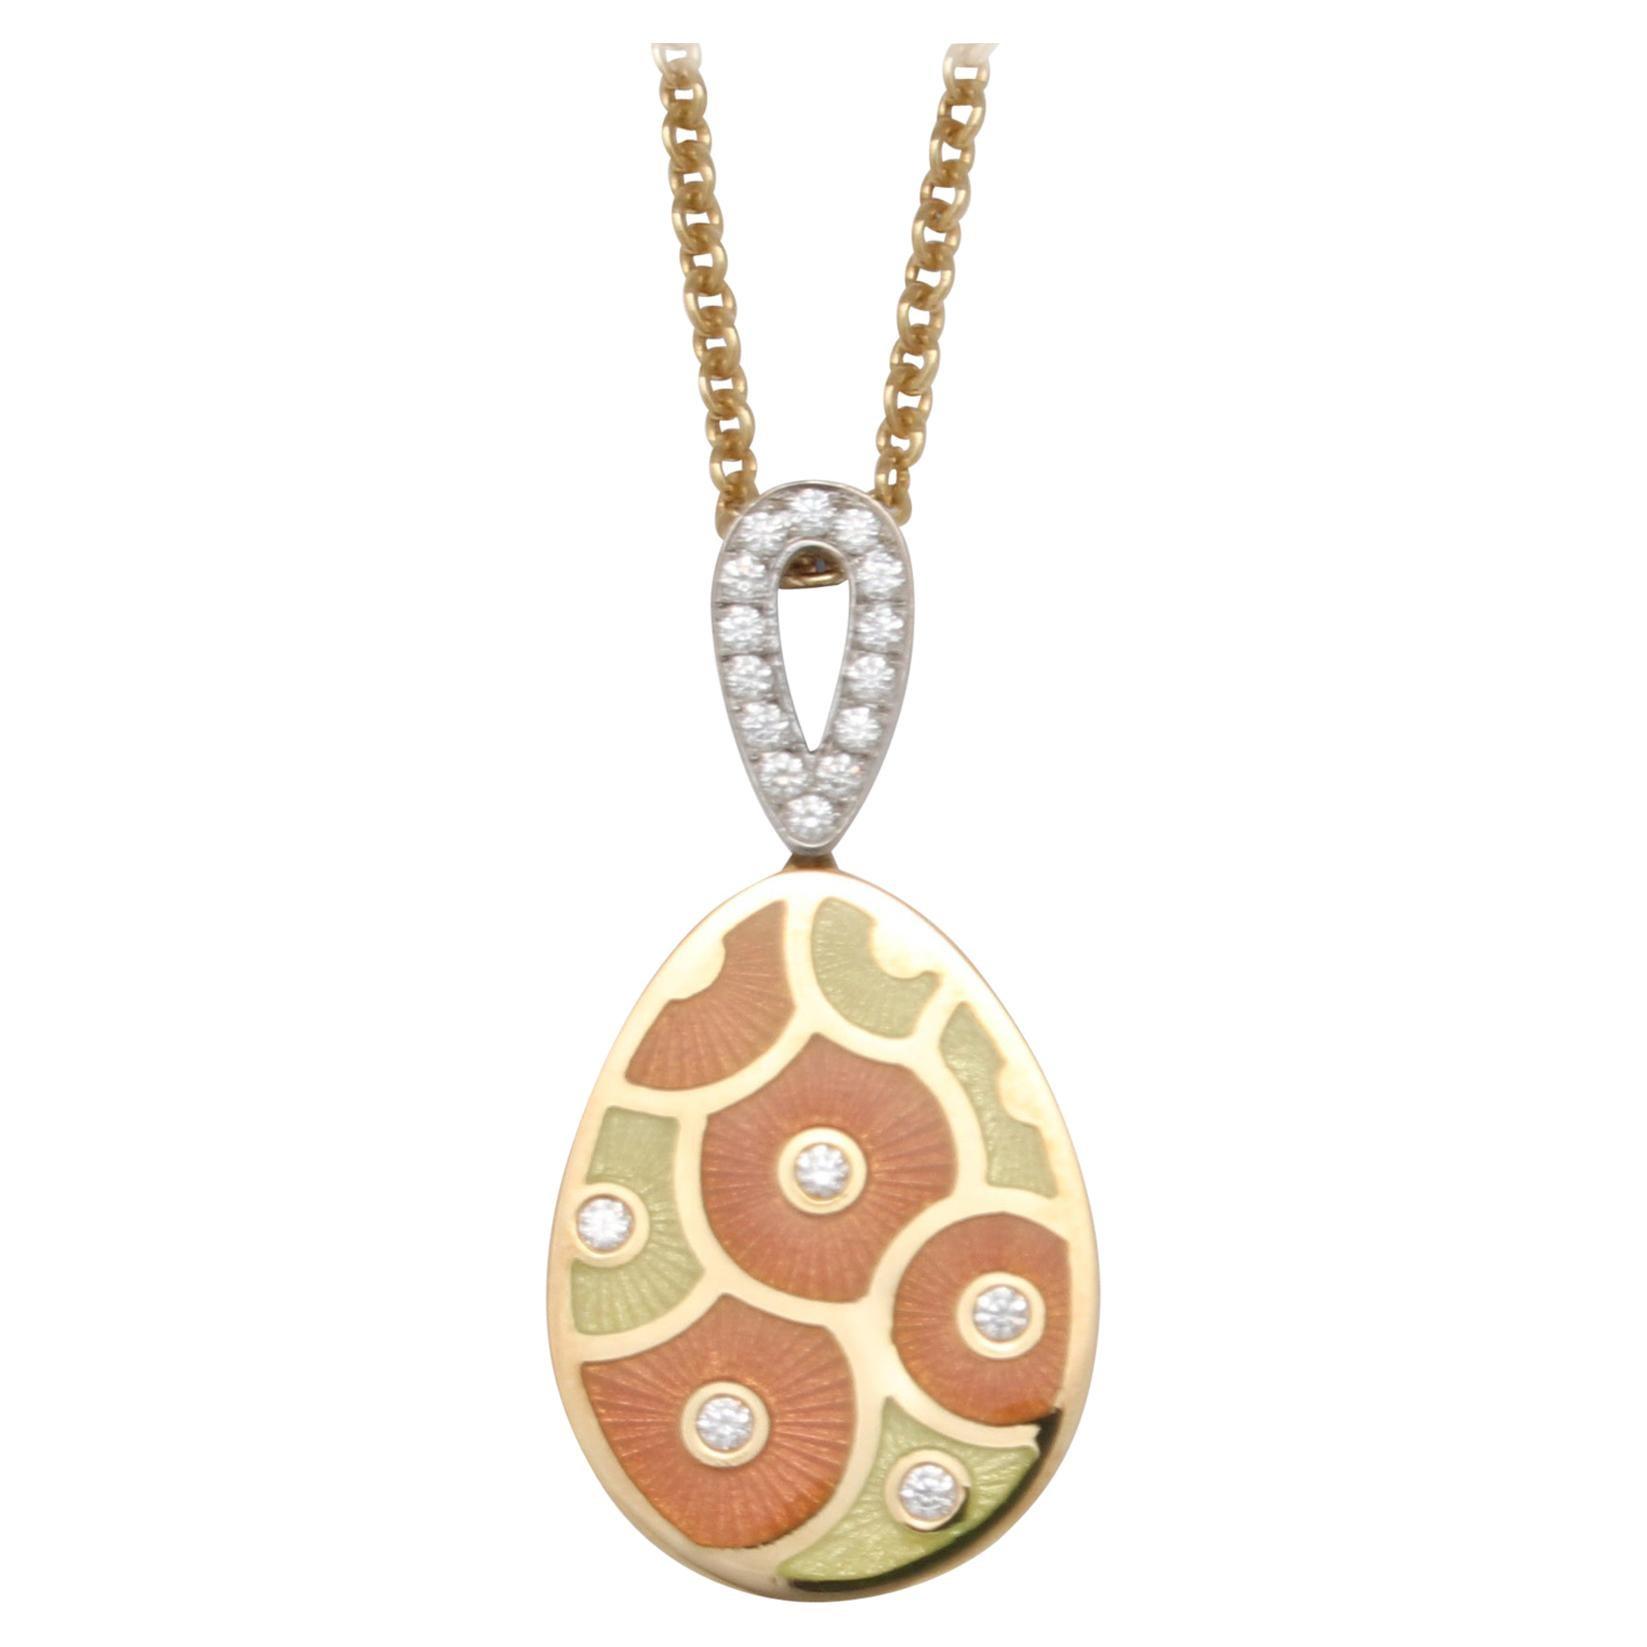 Fabergé Paraplui 18k Gold Enamel Necklace, Enamel, Diamonds 0,215 Ct